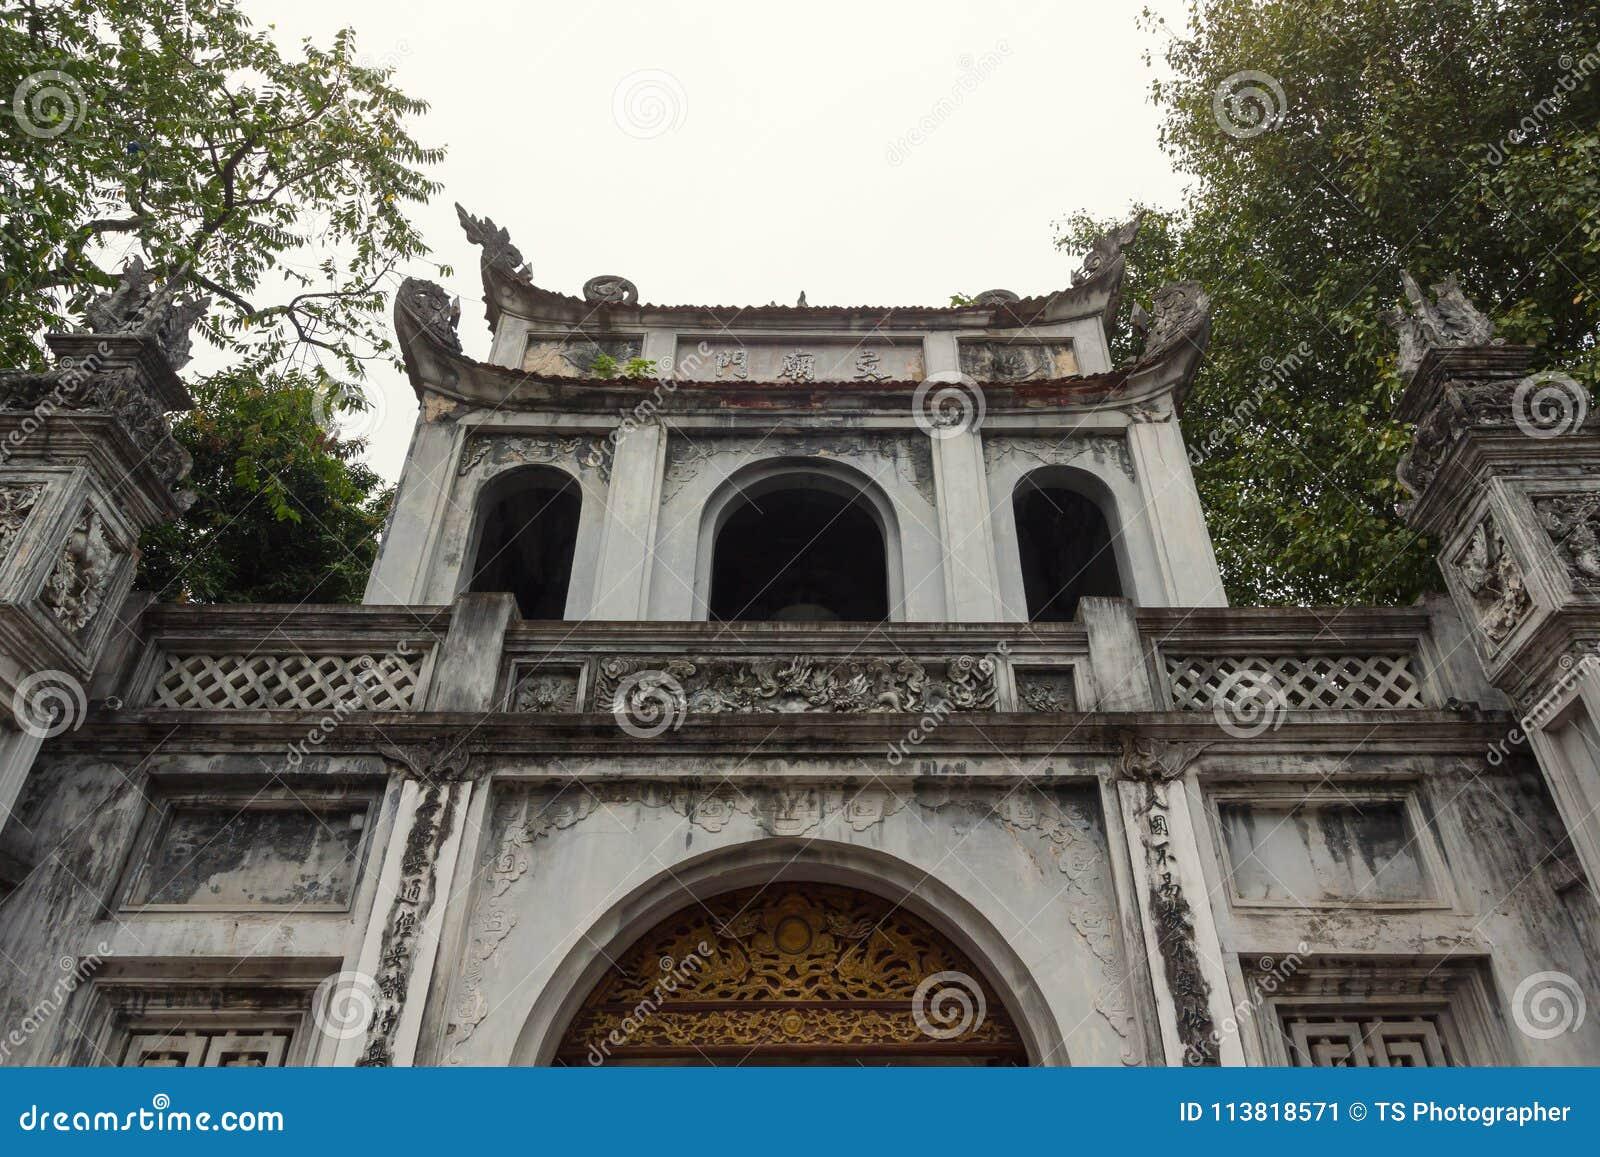 Edificio de la entrada principal del templo de la literatura - universidad nacional del ` s primer de Vietnam construida en 1070